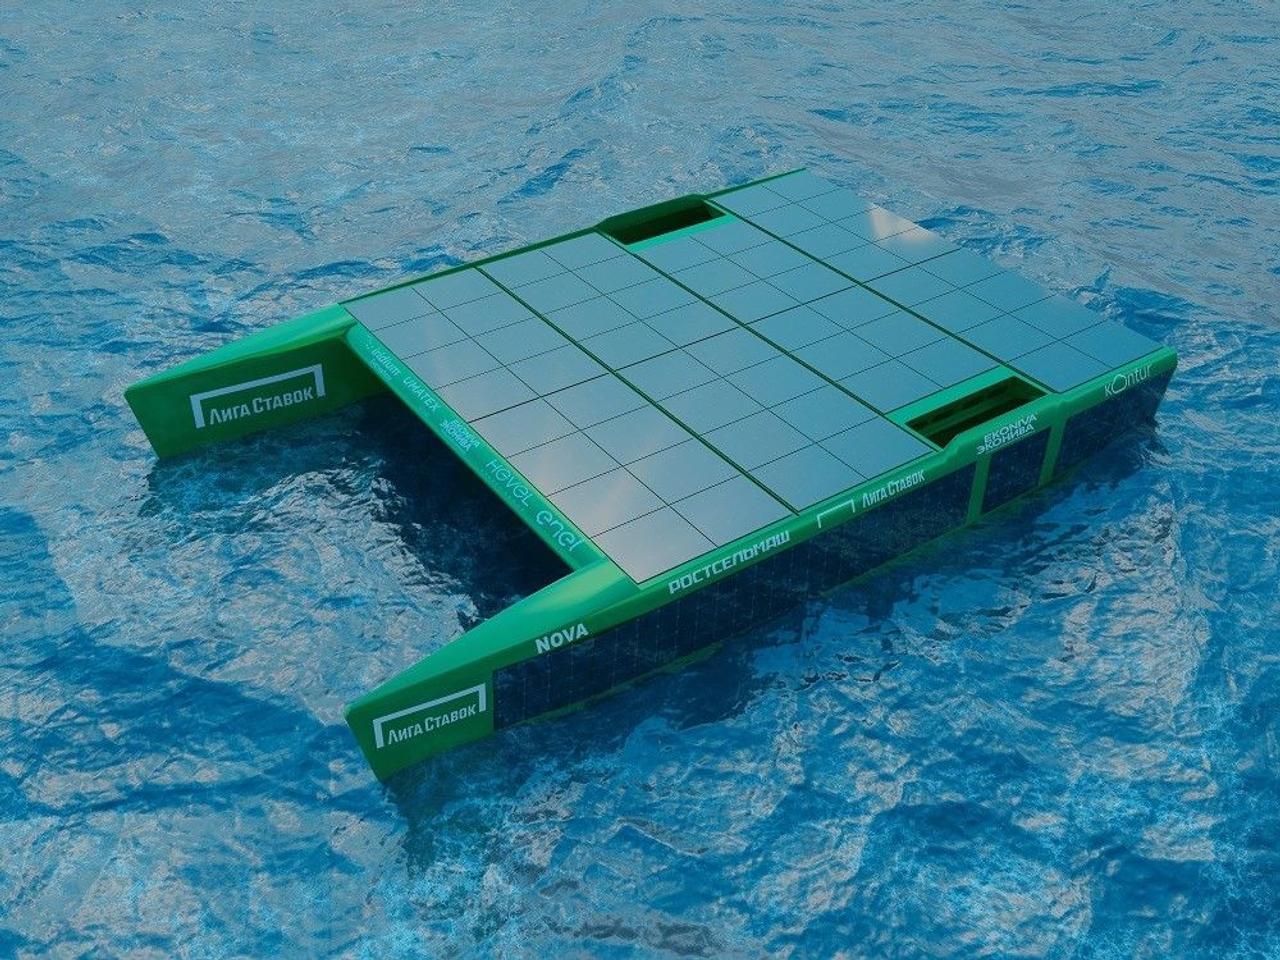 Уникальный катамаран для дальних экспедиций, на 100% работает от солнечной энергии